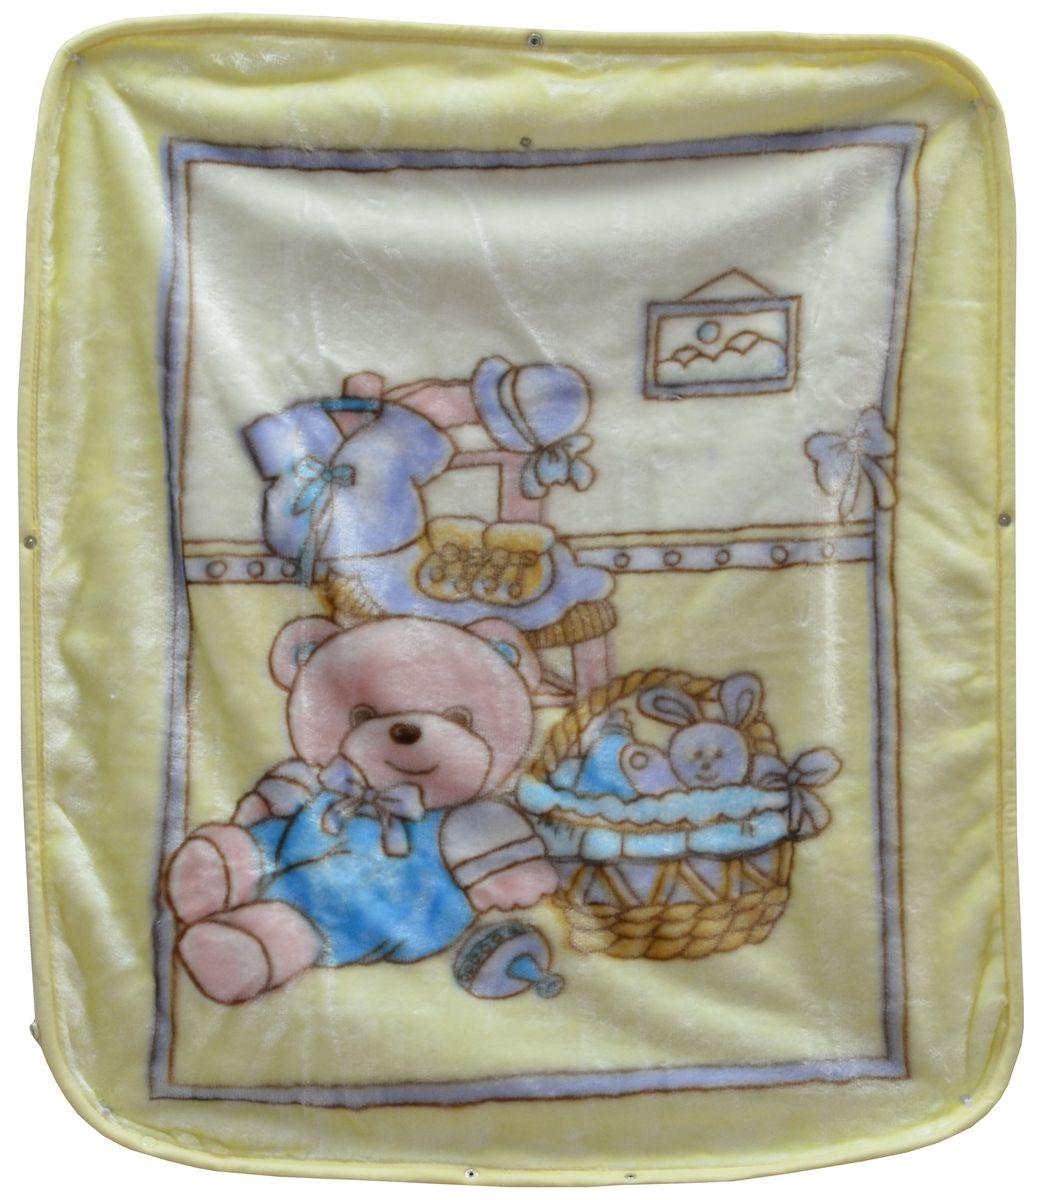 Bonne Fee Плед детский Плед-накидка для младенцев на молнии, 80 х 90 см, желтыйОНДК/300-жёлт2Защита, тепло и комфорт для малышей - использован надёжный, качественный и мягкий материал! Удобство и спокойствие для родителей обеспечивается универсальностью пледа-накидки, конструкция которого позволяет ему легко превращаться в конвертик. Отличное качество и практичность! Любите своего ребёнка и дарите ему лучшее!